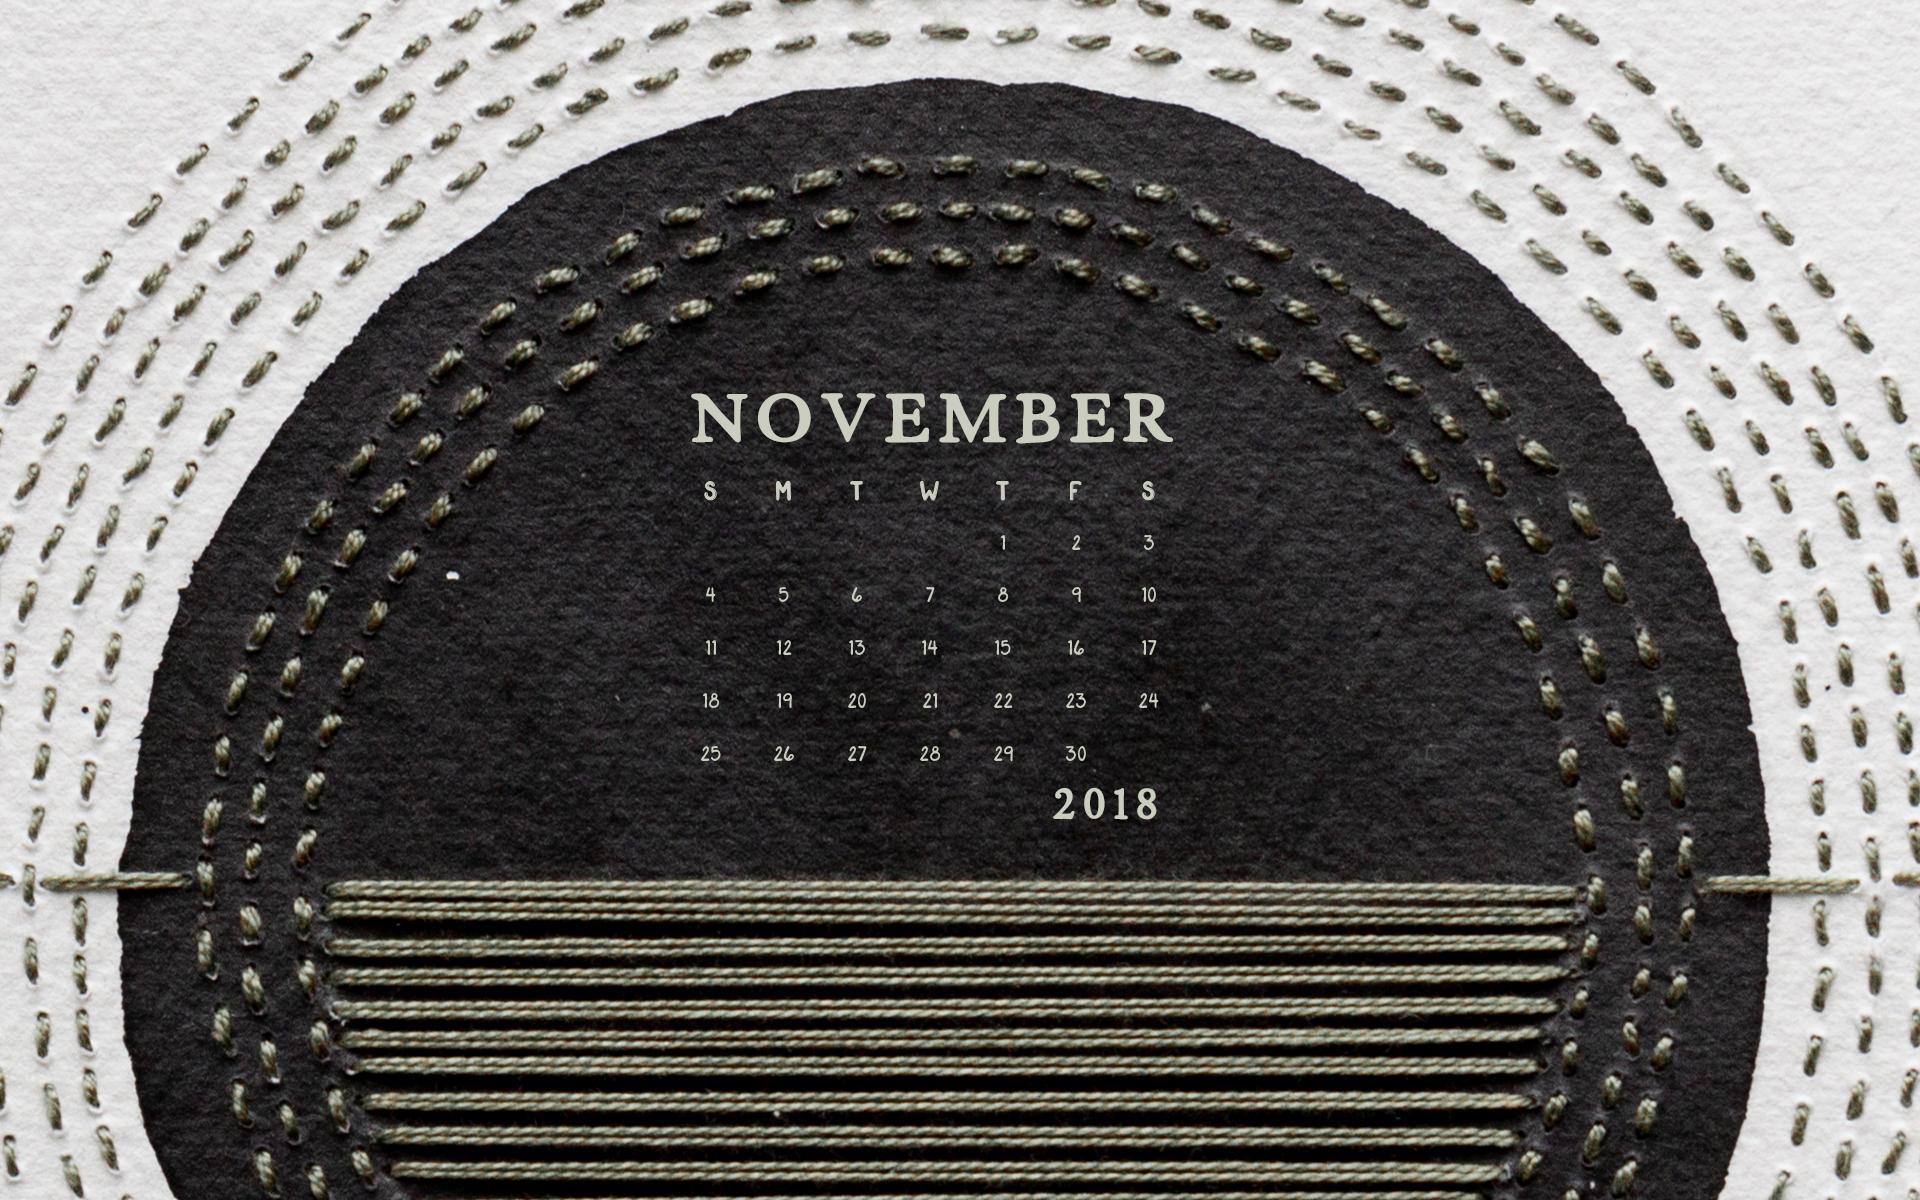 Wallpaper: November 2018 Calendar & Art | Desktop Computer | Britt Fabello